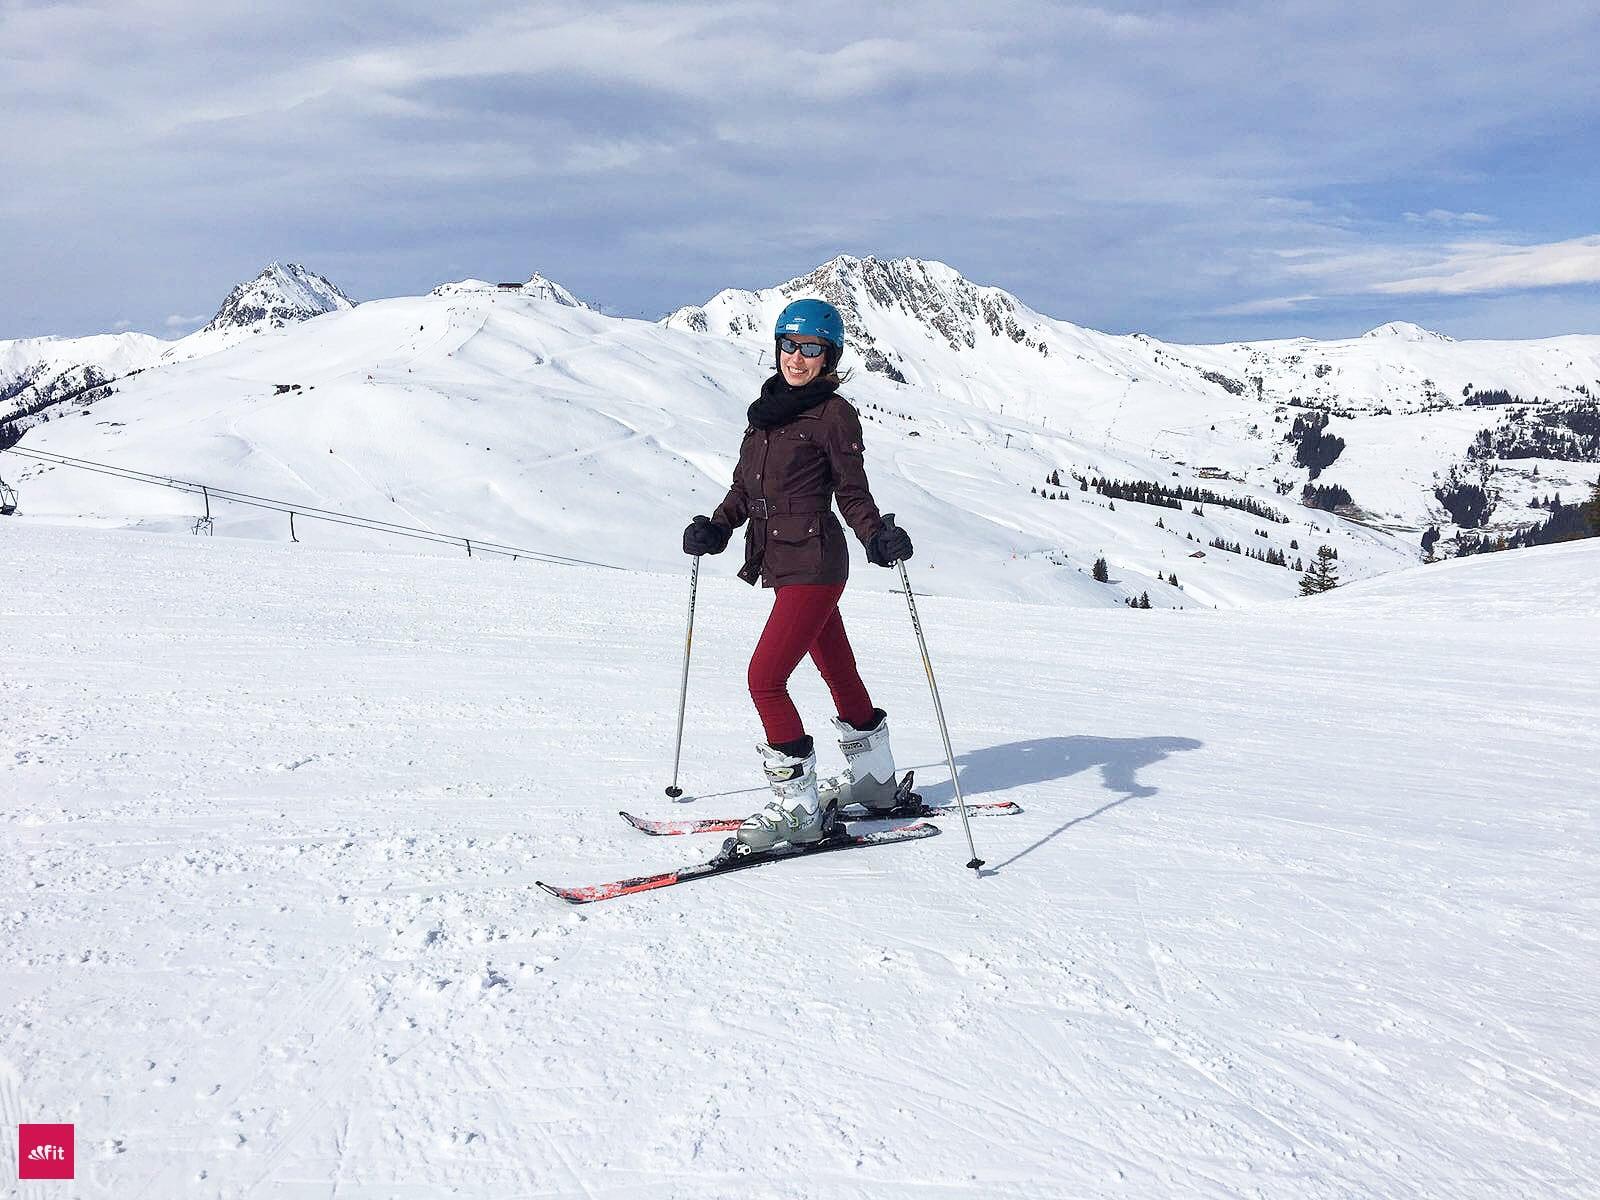 Apres Ski Survival Guide im Ski Urlaub - bei diesen Fallen solltest du aufpassen. Ich habe dir alle Tücken und Lösungen aufgelistet, Apres Ski Party Hits rausgesucht. Zudem wie viele Kalorien du beim Skifahren verbrennst. Beim Ski fahren ist das richtige Beintrainings wichtig. Achte auf deine Knie und mache diese Übungen. Falls du einen Kater von der Aires Ski Party hast, hilft dir dieses Superfood Pulver #ski